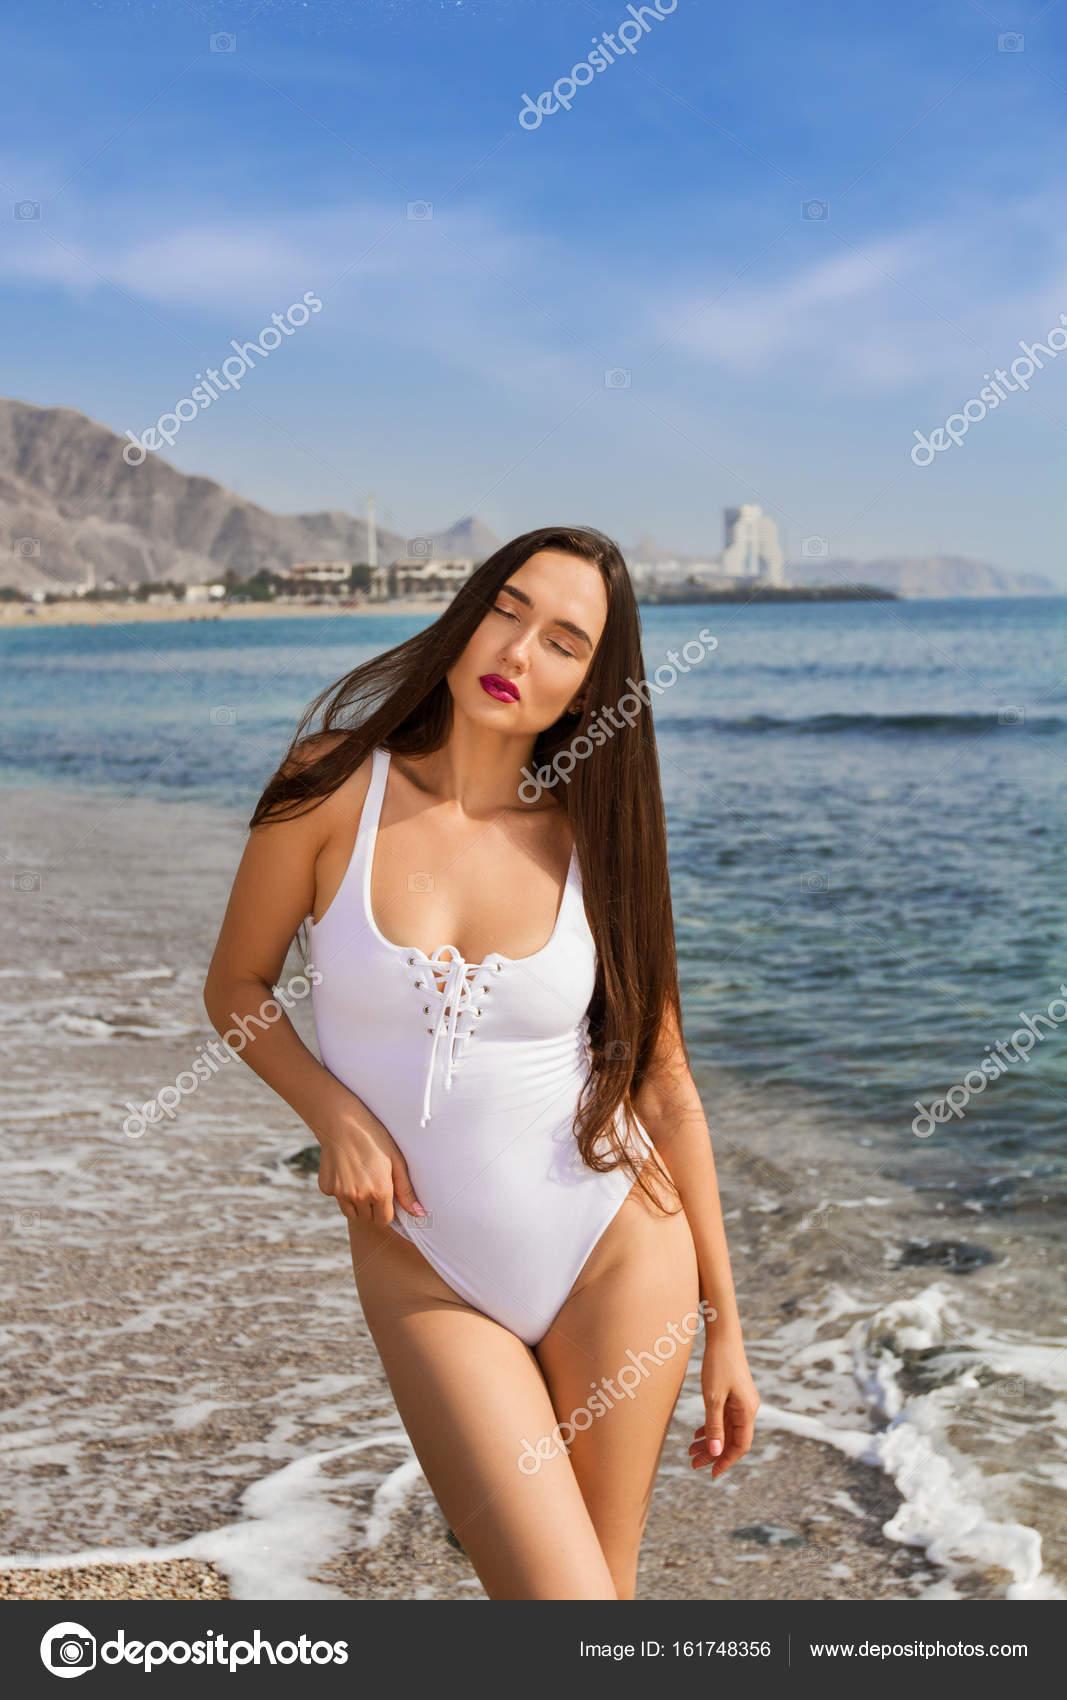 Сексуальный отдых девочек на пляже